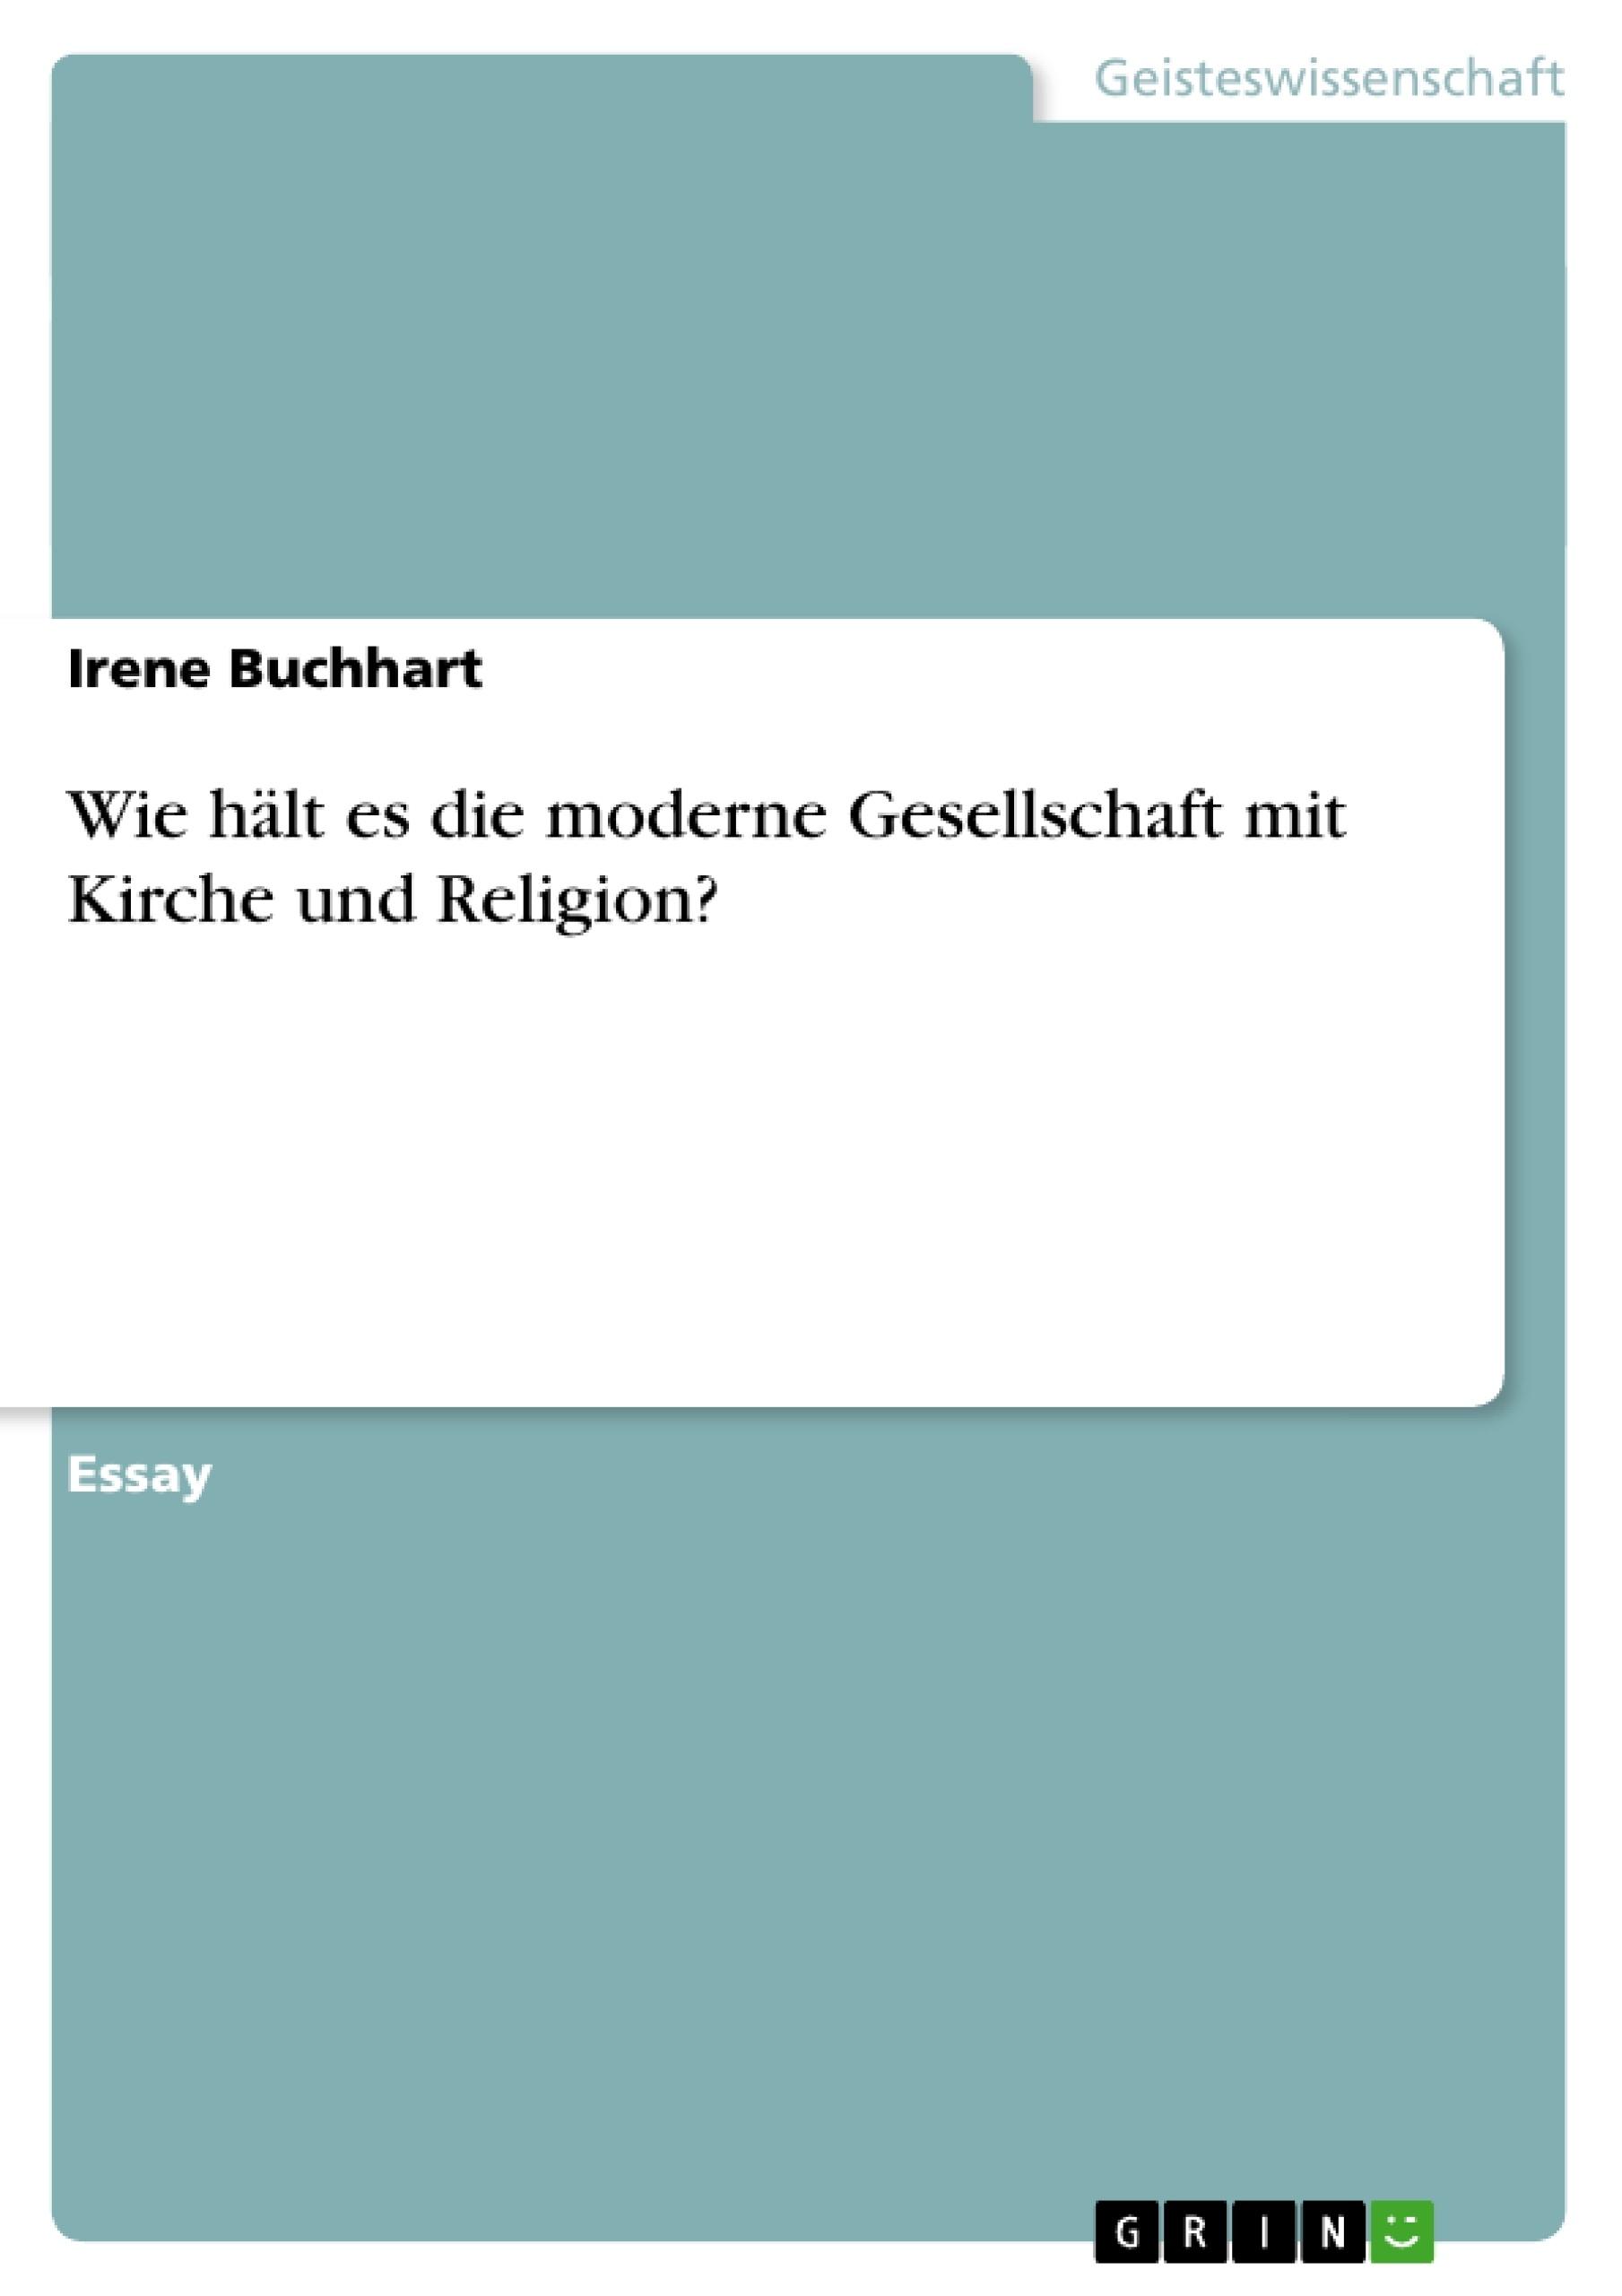 Titel: Wie hält es die moderne Gesellschaft mit Kirche und Religion?